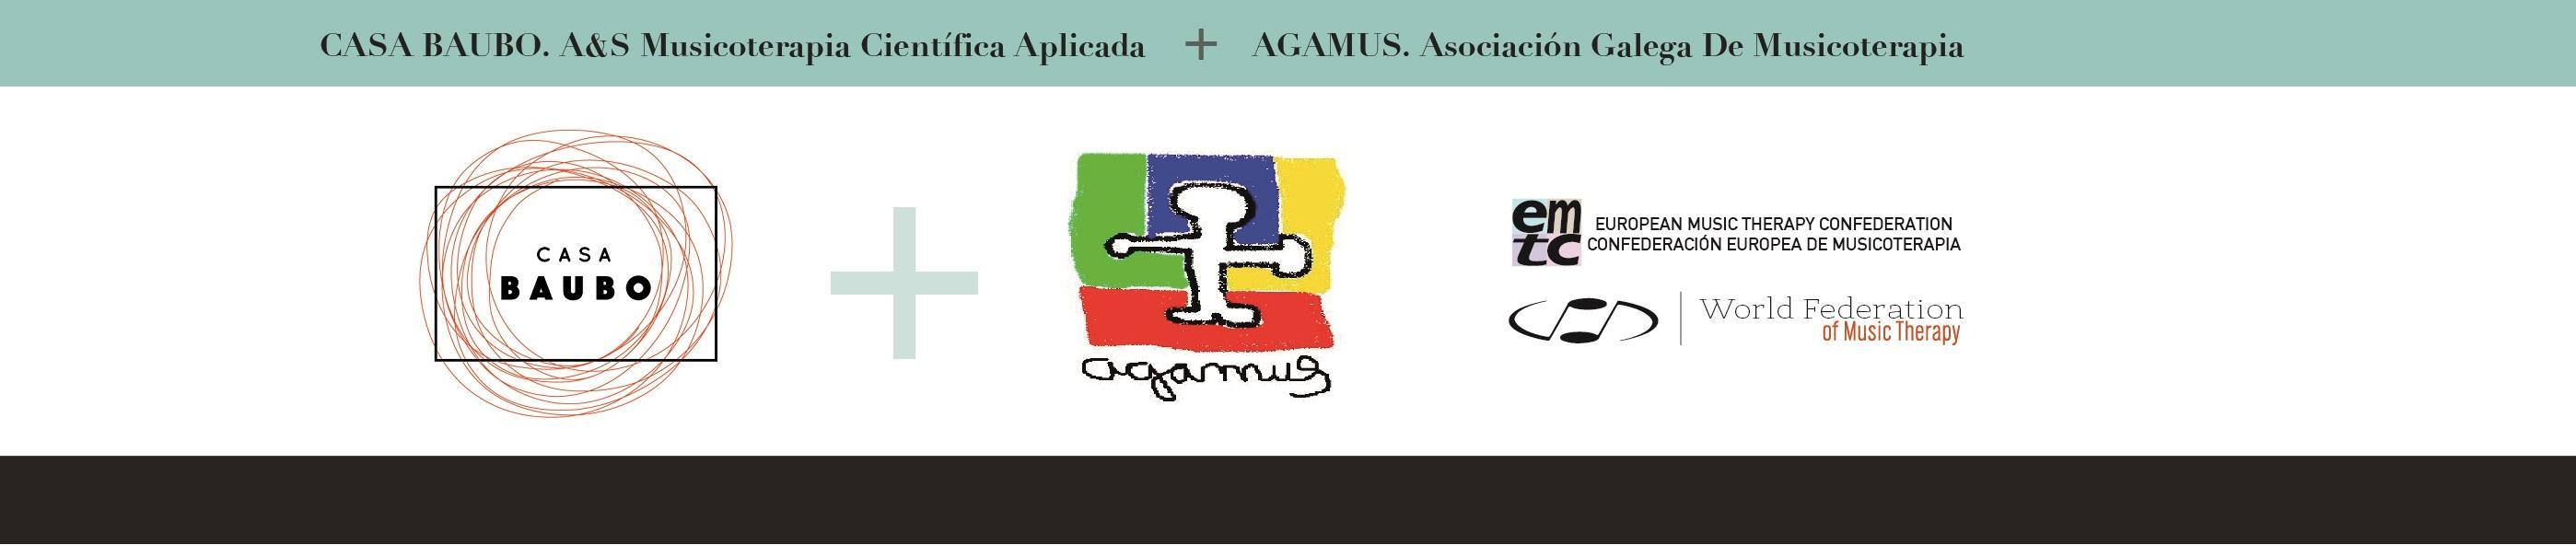 FORMACIÓN EN MODELO CASA BAUBO.A&S.MUSICOTERAPIA CIENTÍFICA APLICADA©®